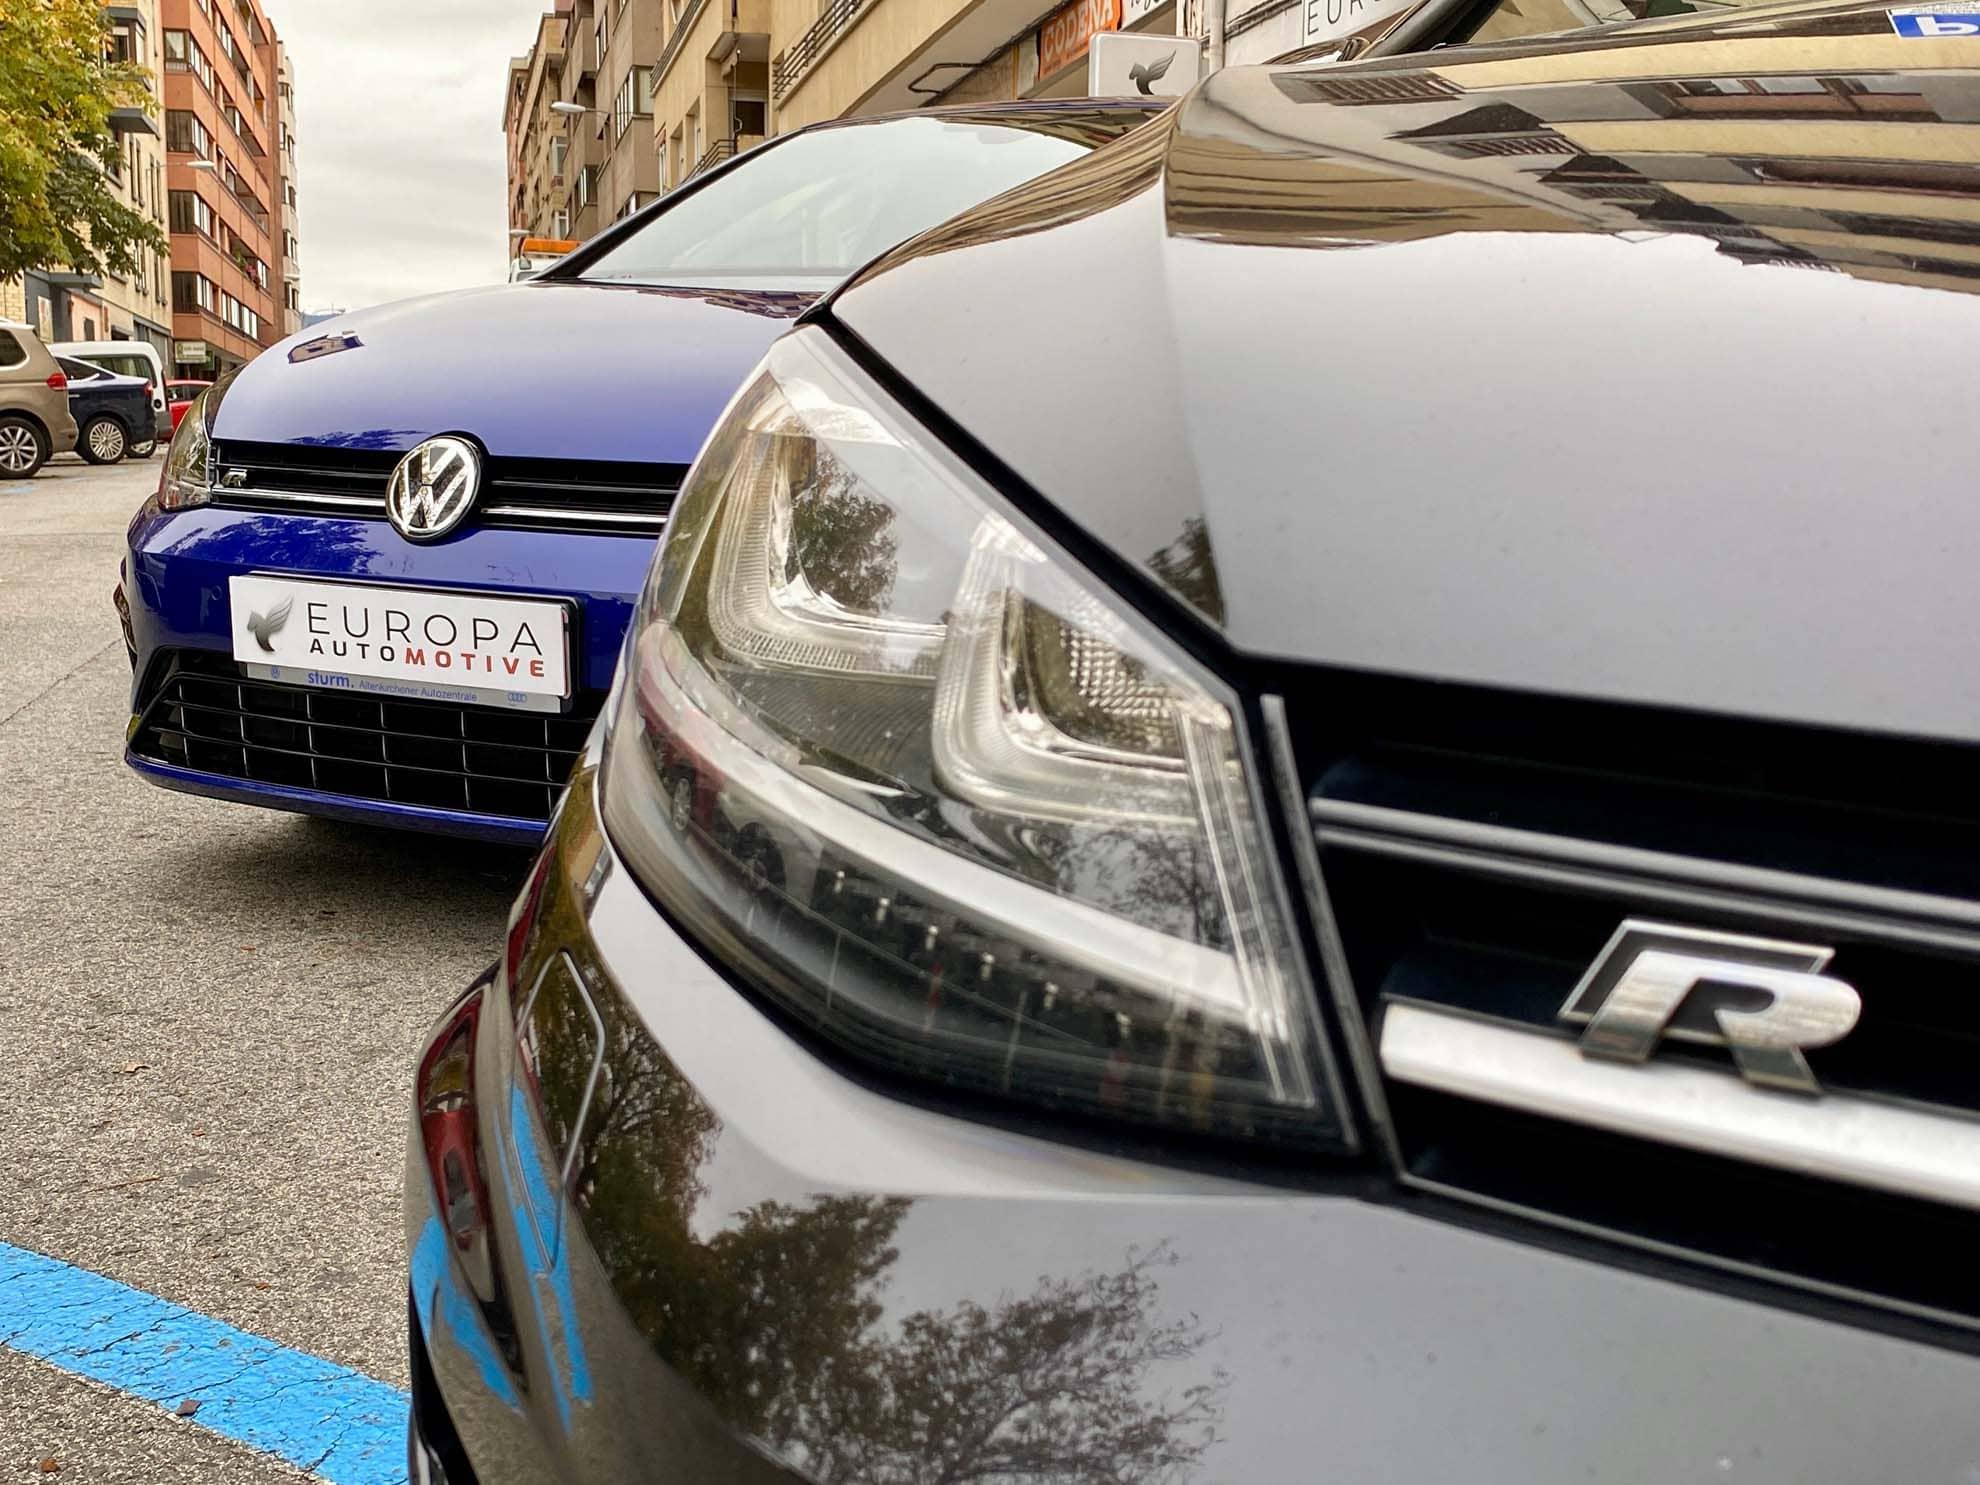 coches importados de 2 en 2 Europa-automotive volkswagen-golf-R